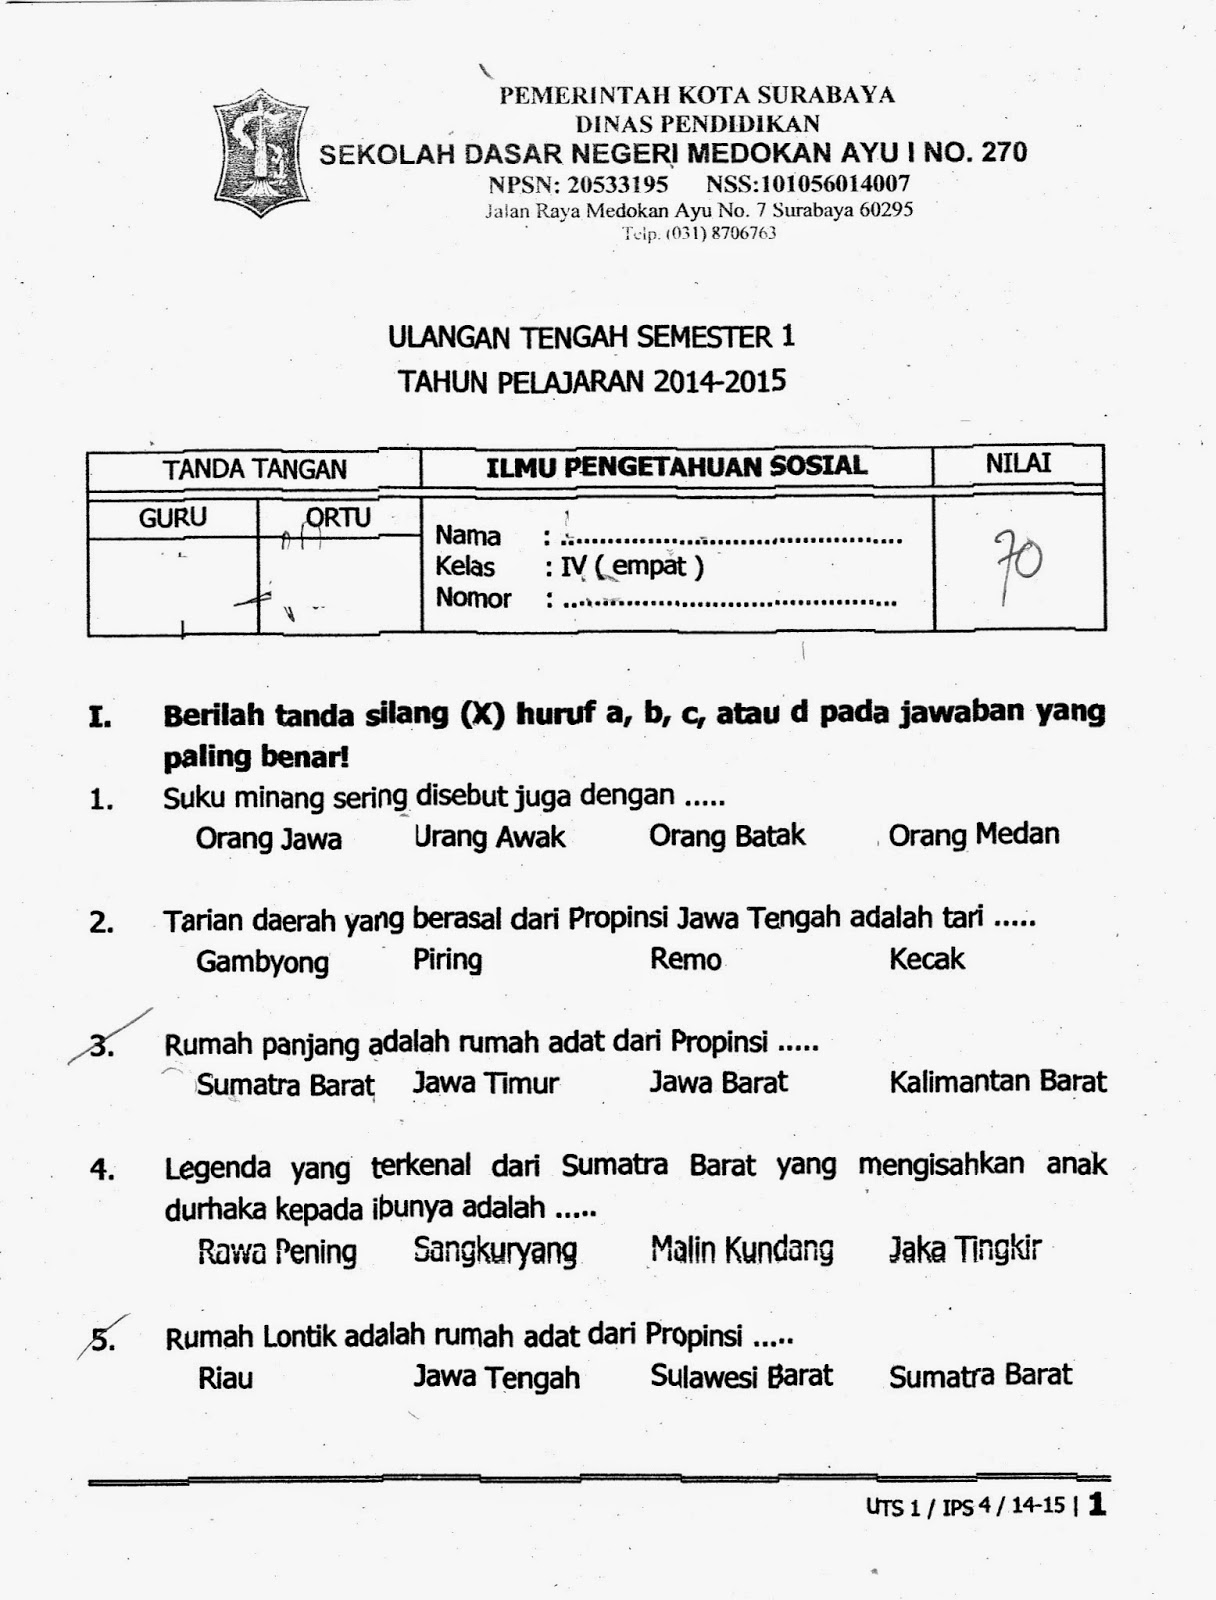 IPS Soal Bahasa Inggris Kelas 1 SD Semester 1 Kurikulum 2013